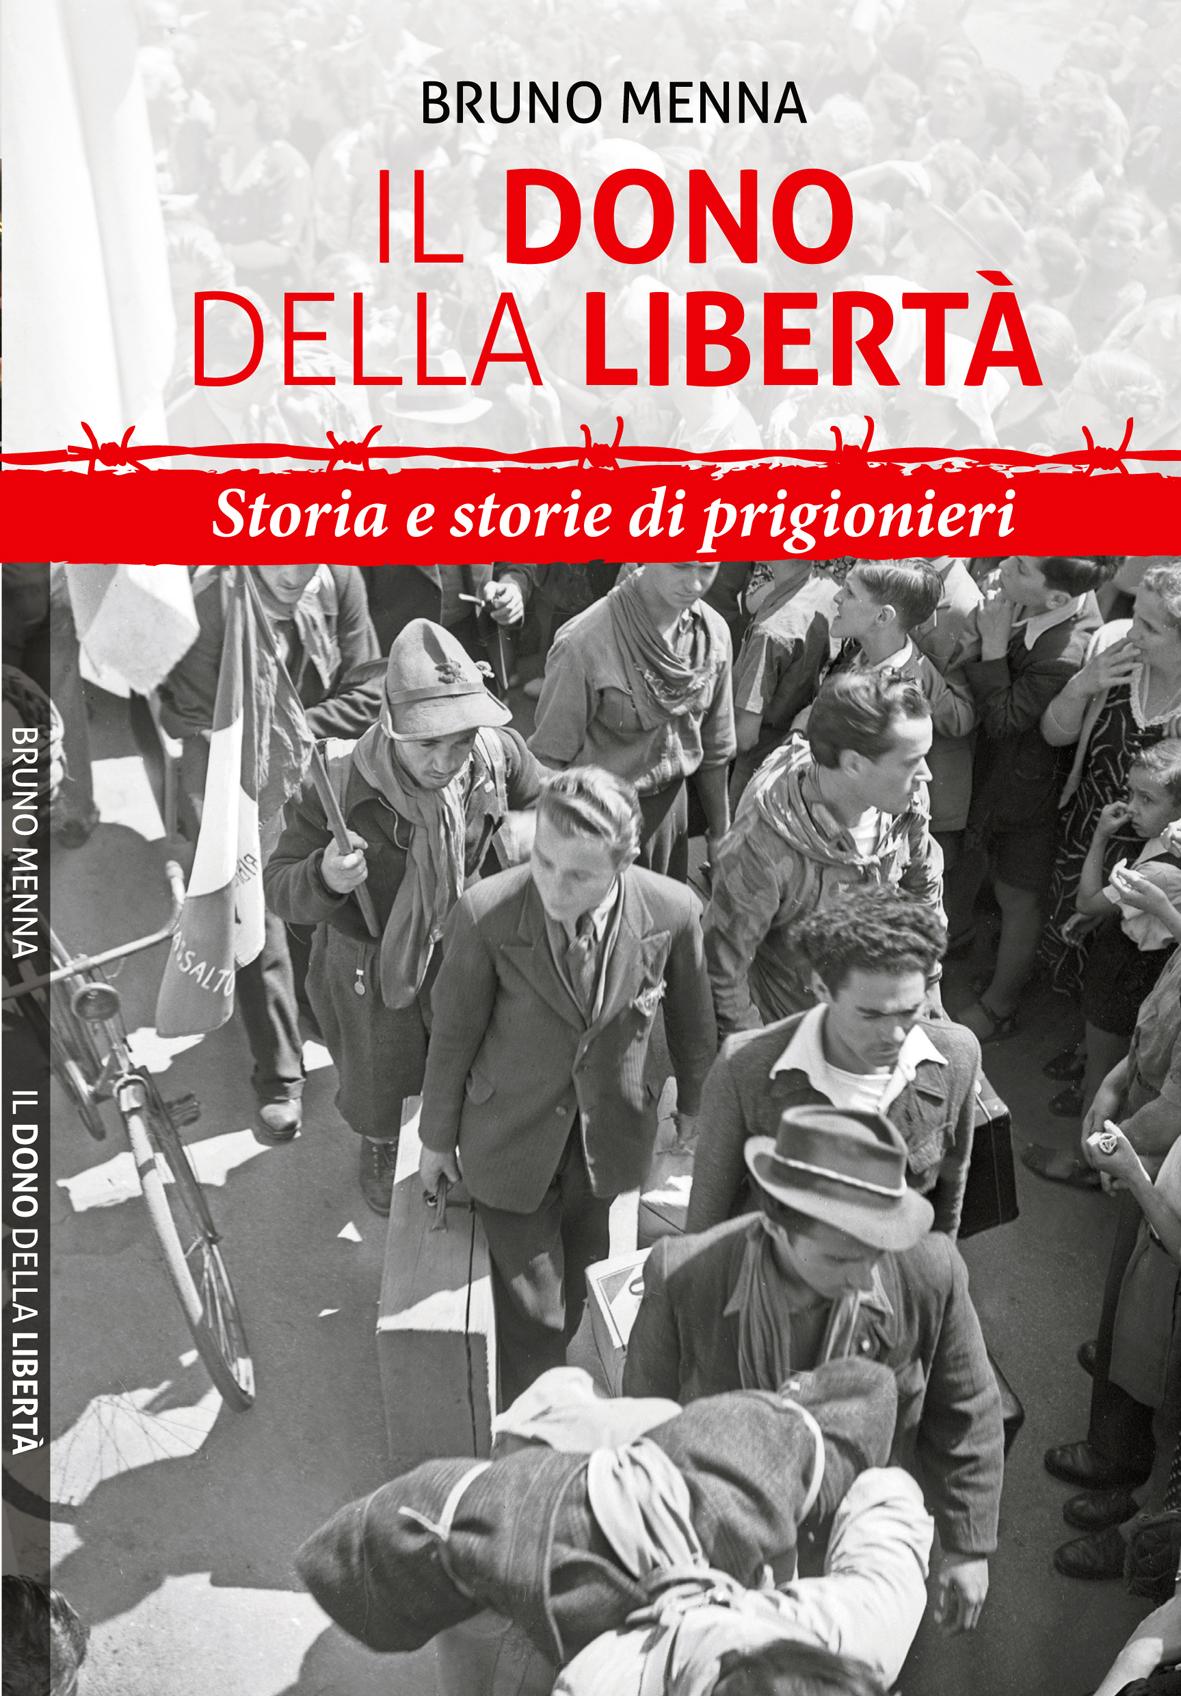 Presentazione nuovo libro di Bruno Menna